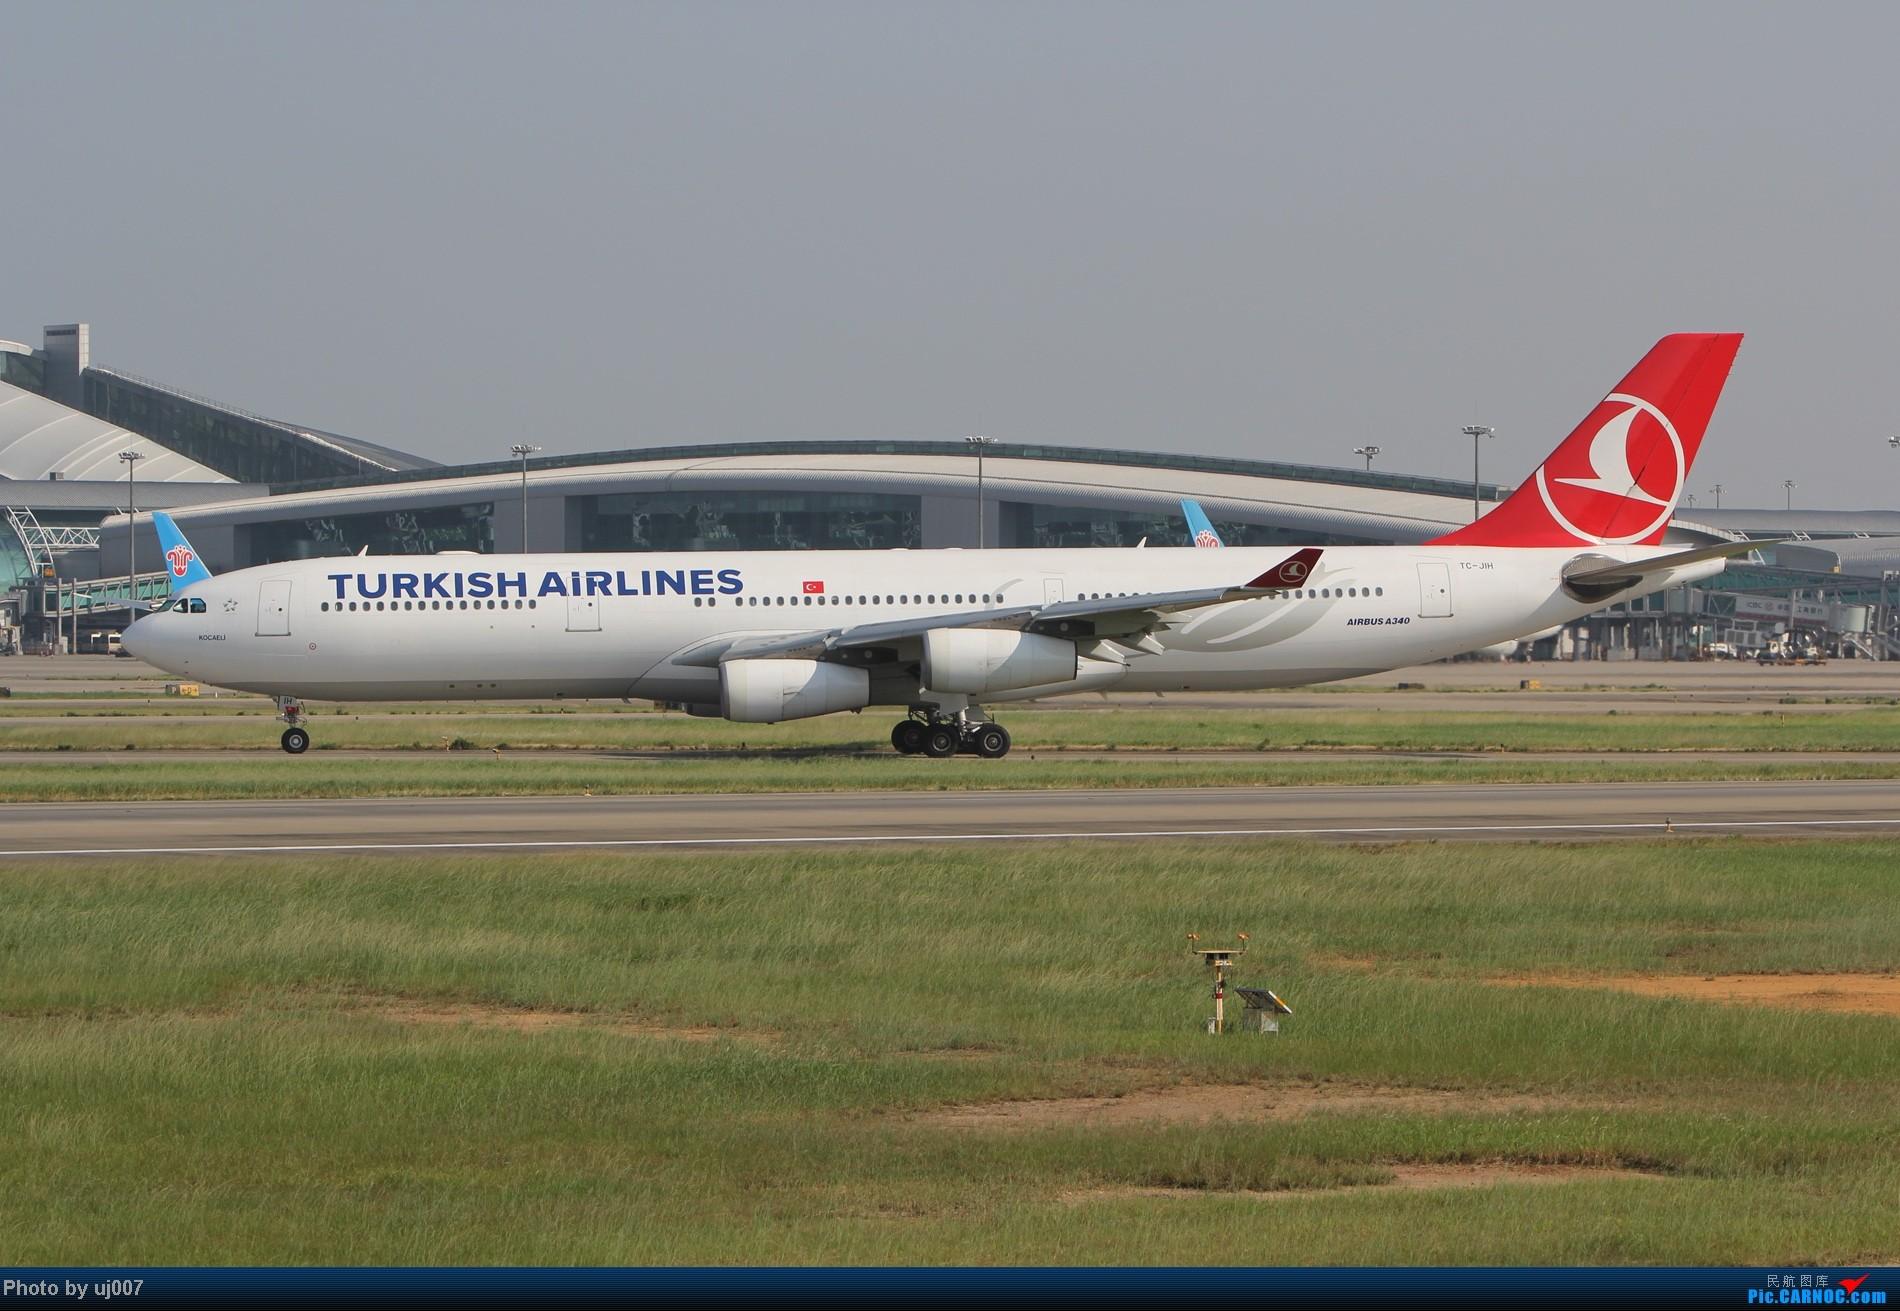 Re:[原创]10月2日白云拍机,超级多图系列(大飞机,特别妆,外航,闪灯,擦烟)求指点. AIRBUS A340-300 TC-JIH 中国广州白云机场